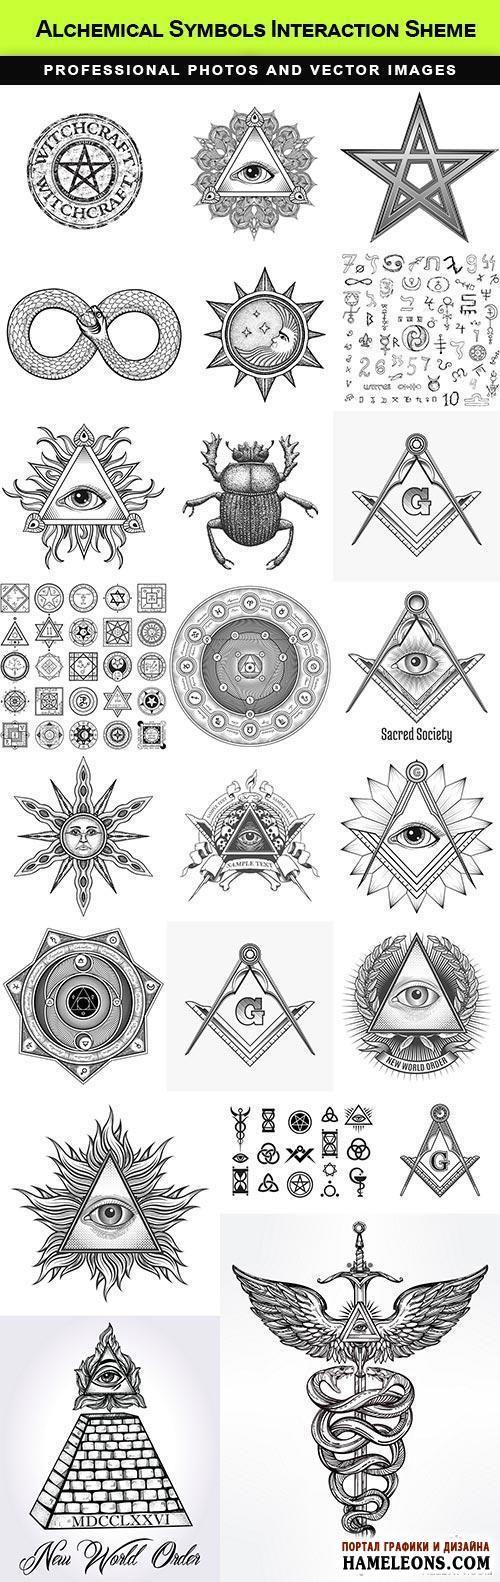 Алхимические знаки, символы - векторная подборка | Alchemical Symbols